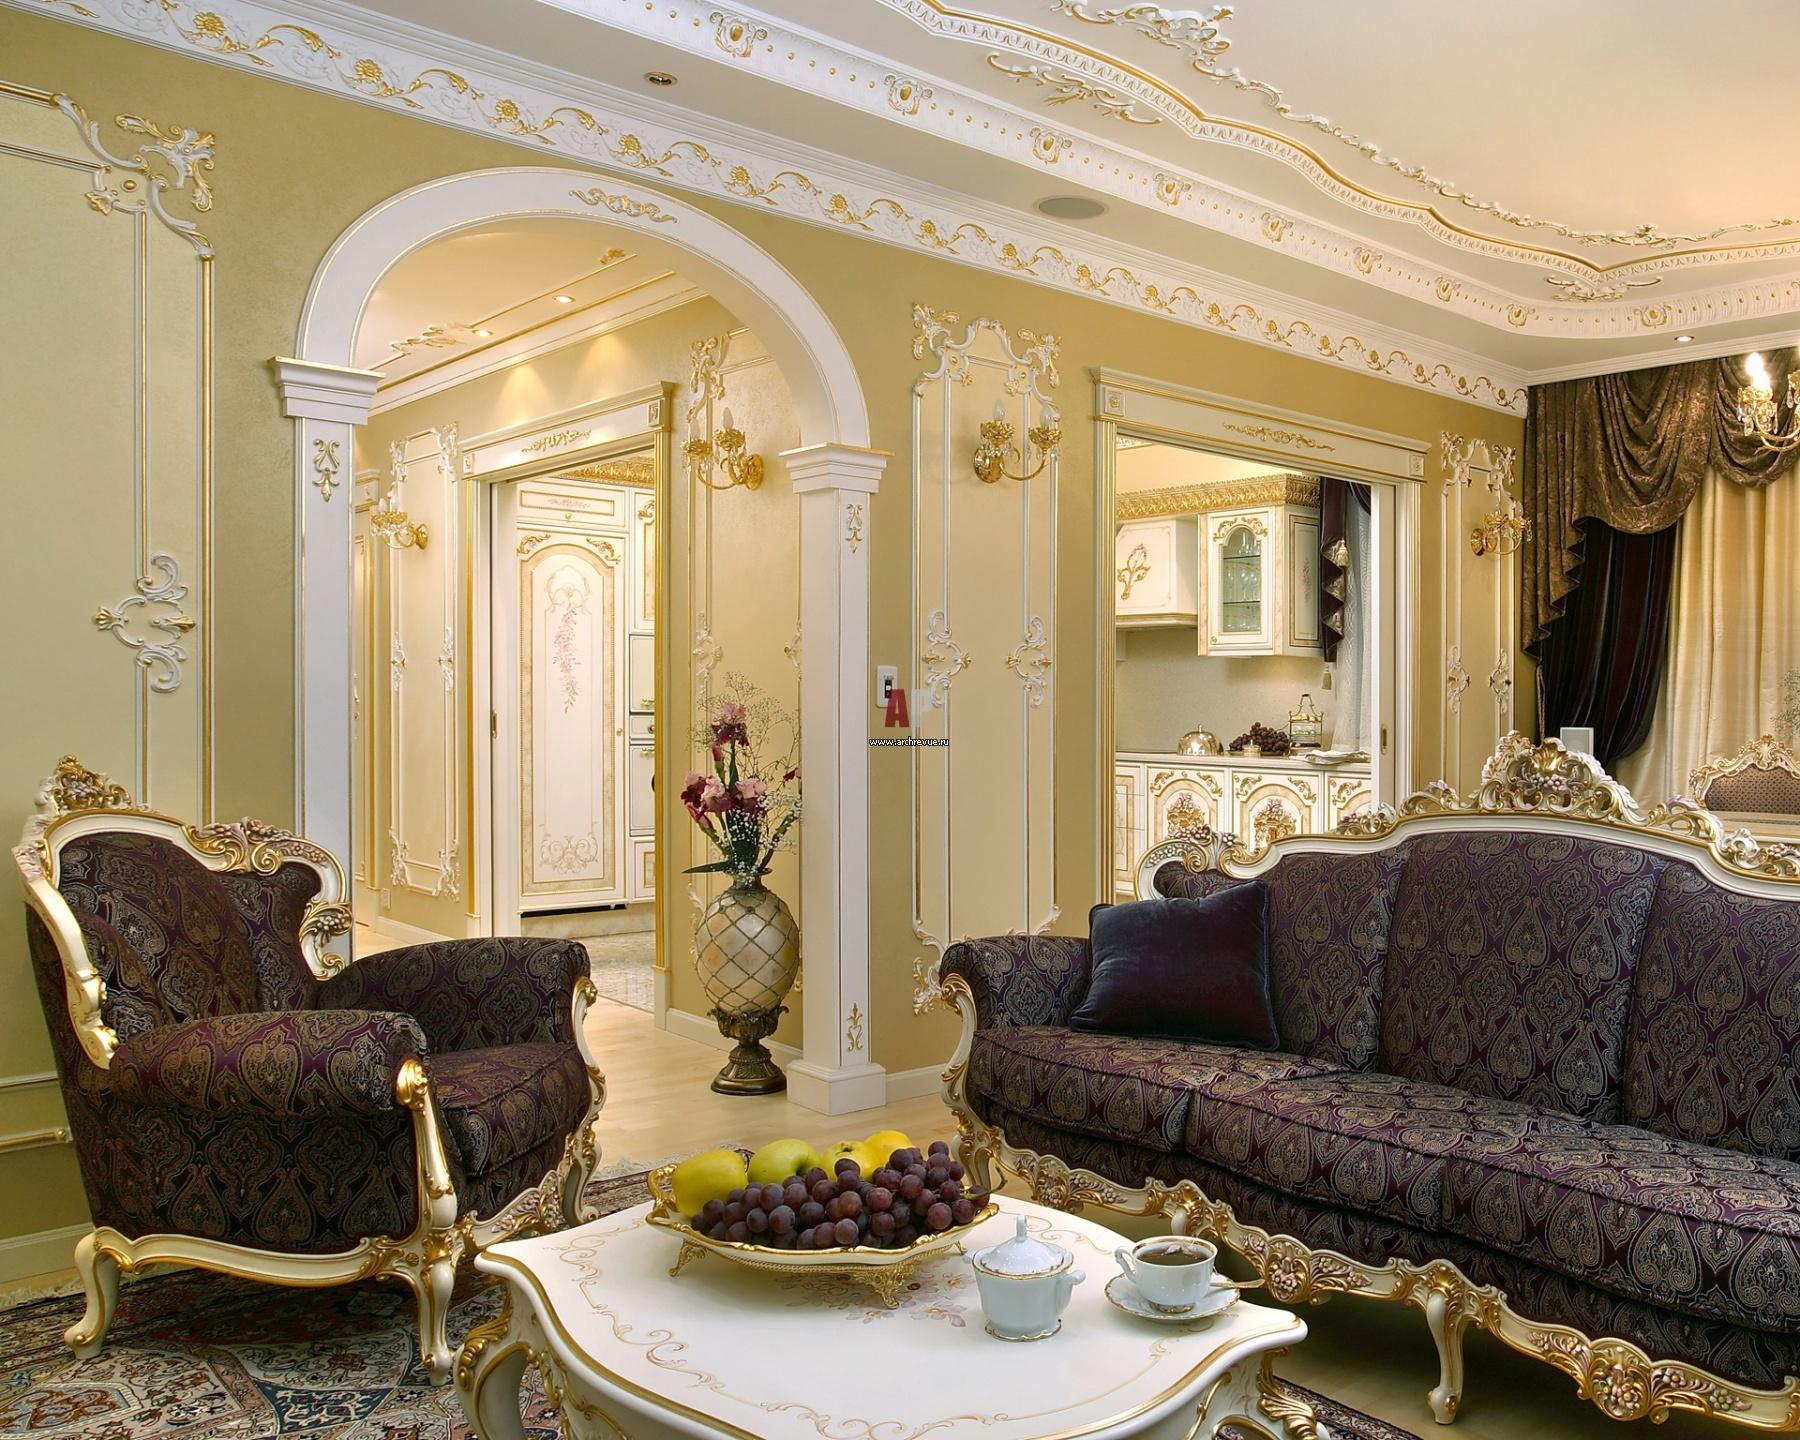 Мебель для классической гостиной изготавливается вручную по специальному заказу и исключительно высочайшего качества, из ценных пород дерева.